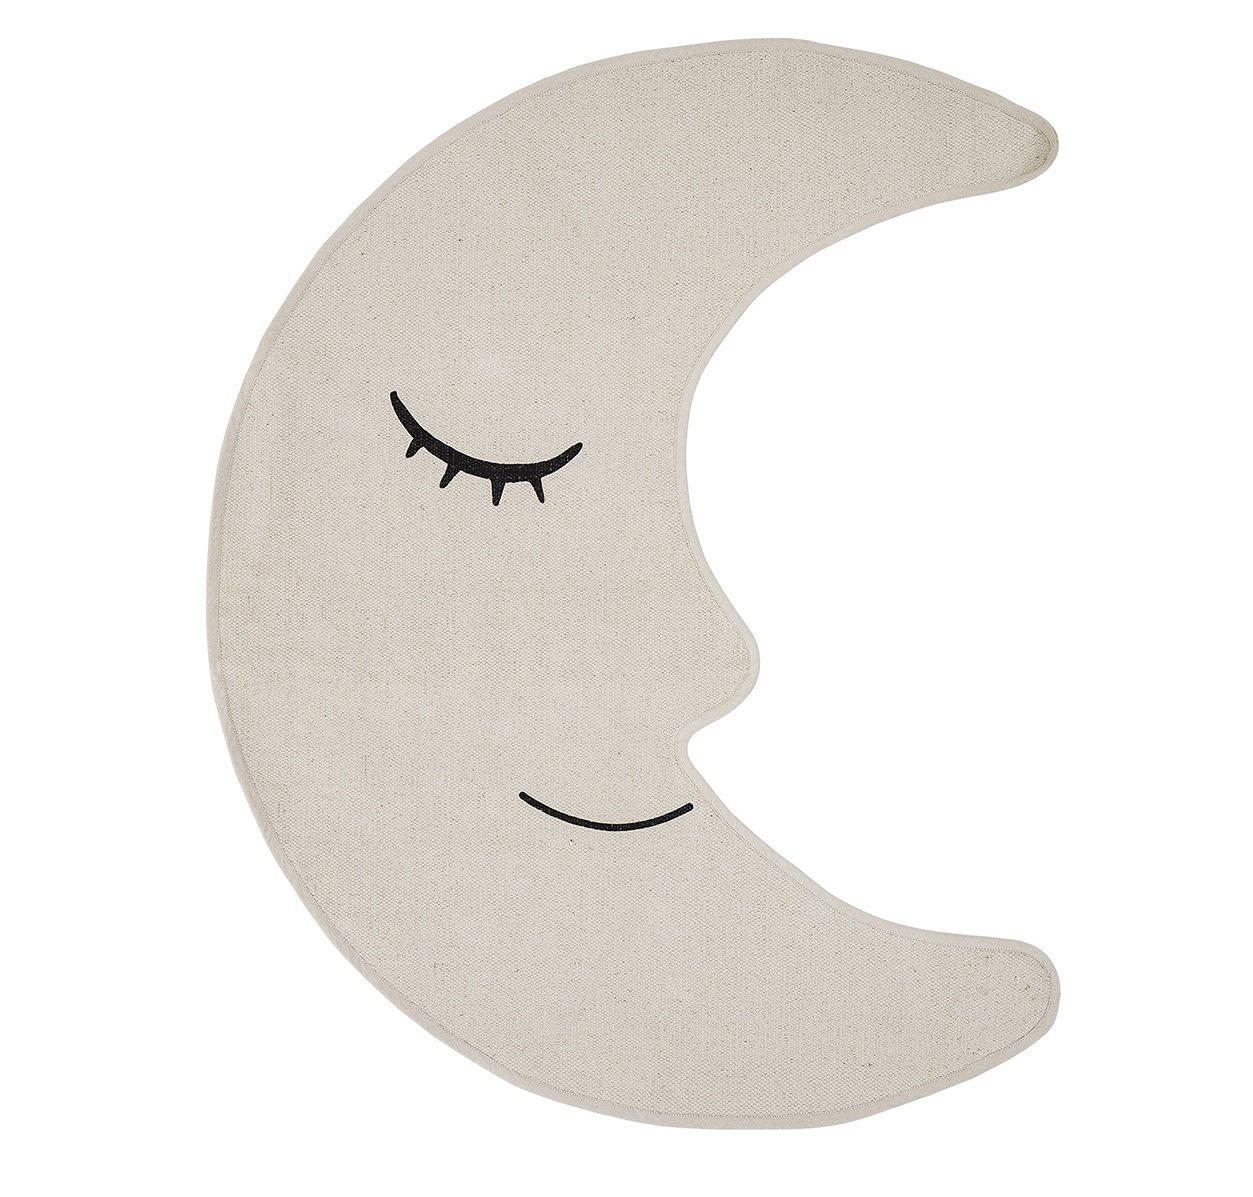 Attraktiv Teppich Babyzimmer Beste Wahl Kinderteppich Mond Kinderteppich Mond